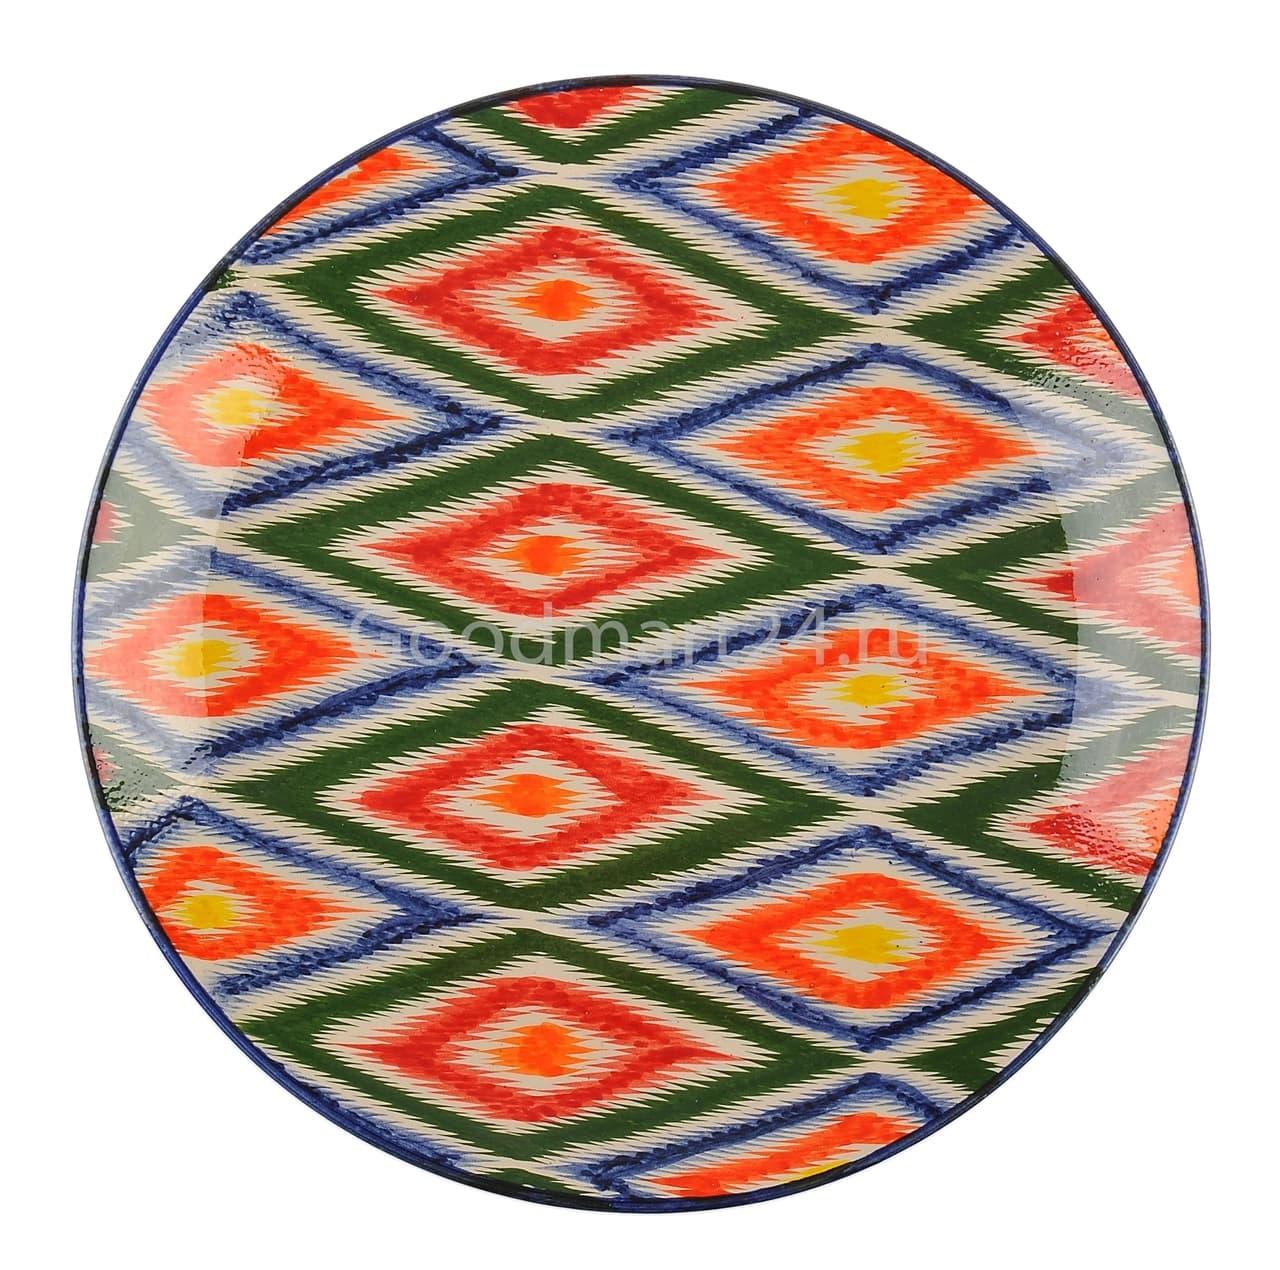 Ляган Риштанская Керамика 42 см. плоский, Атлас - фото 7418